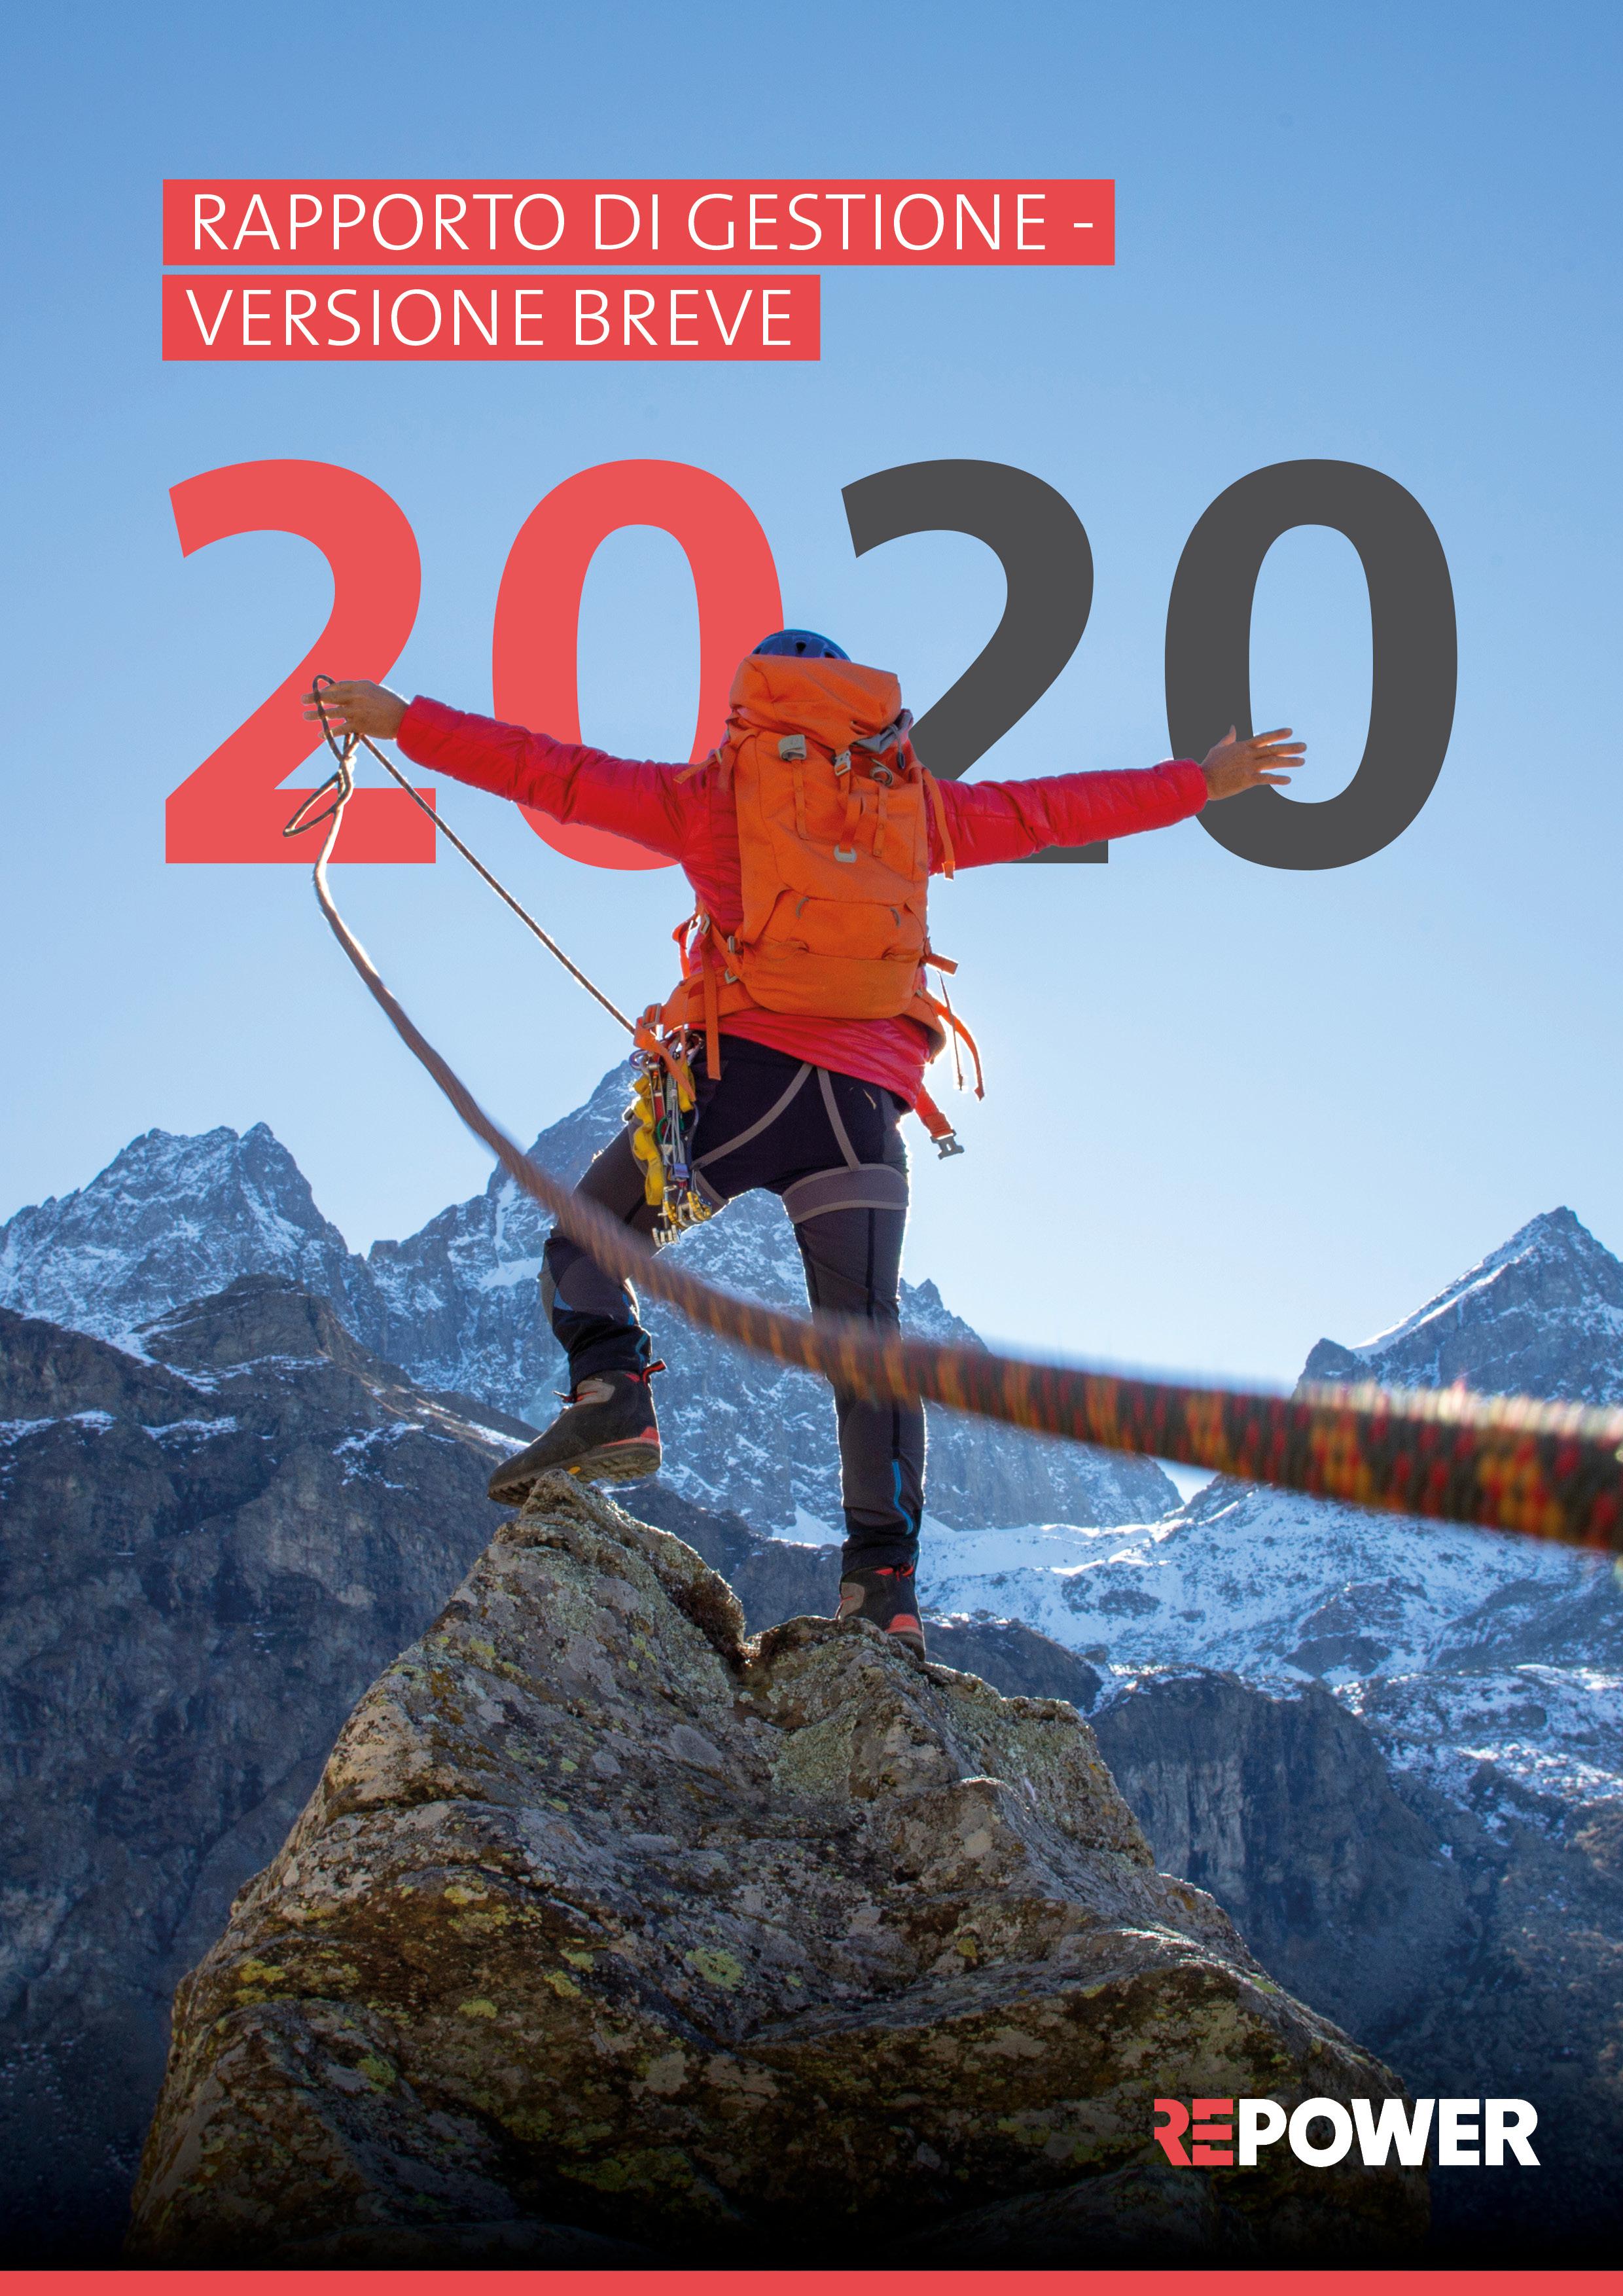 Rapporto di gestione 2020 – Versione breve preview